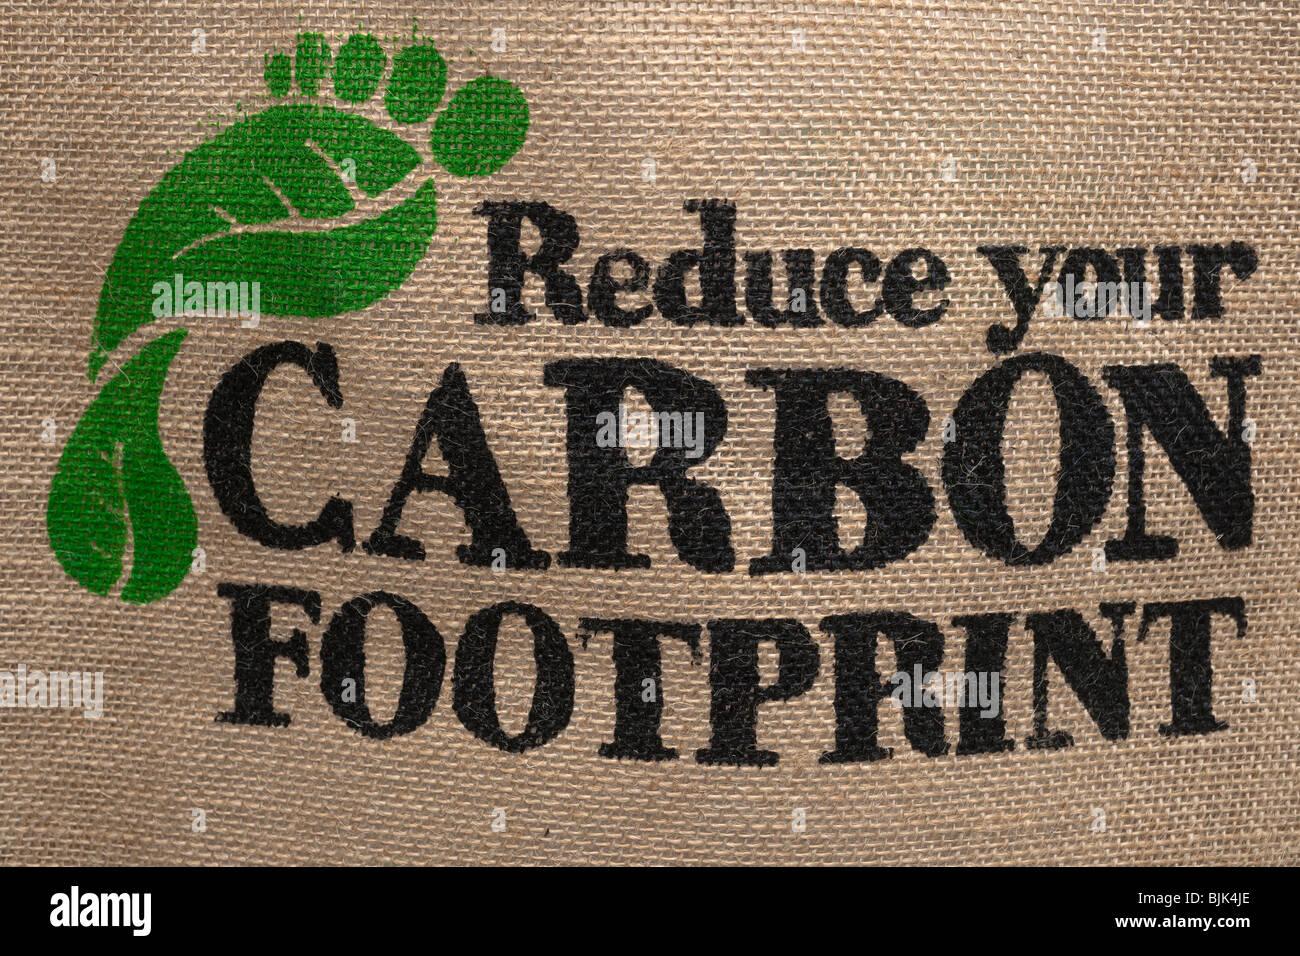 Ridurre le emissioni di carbonio Immagini Stock